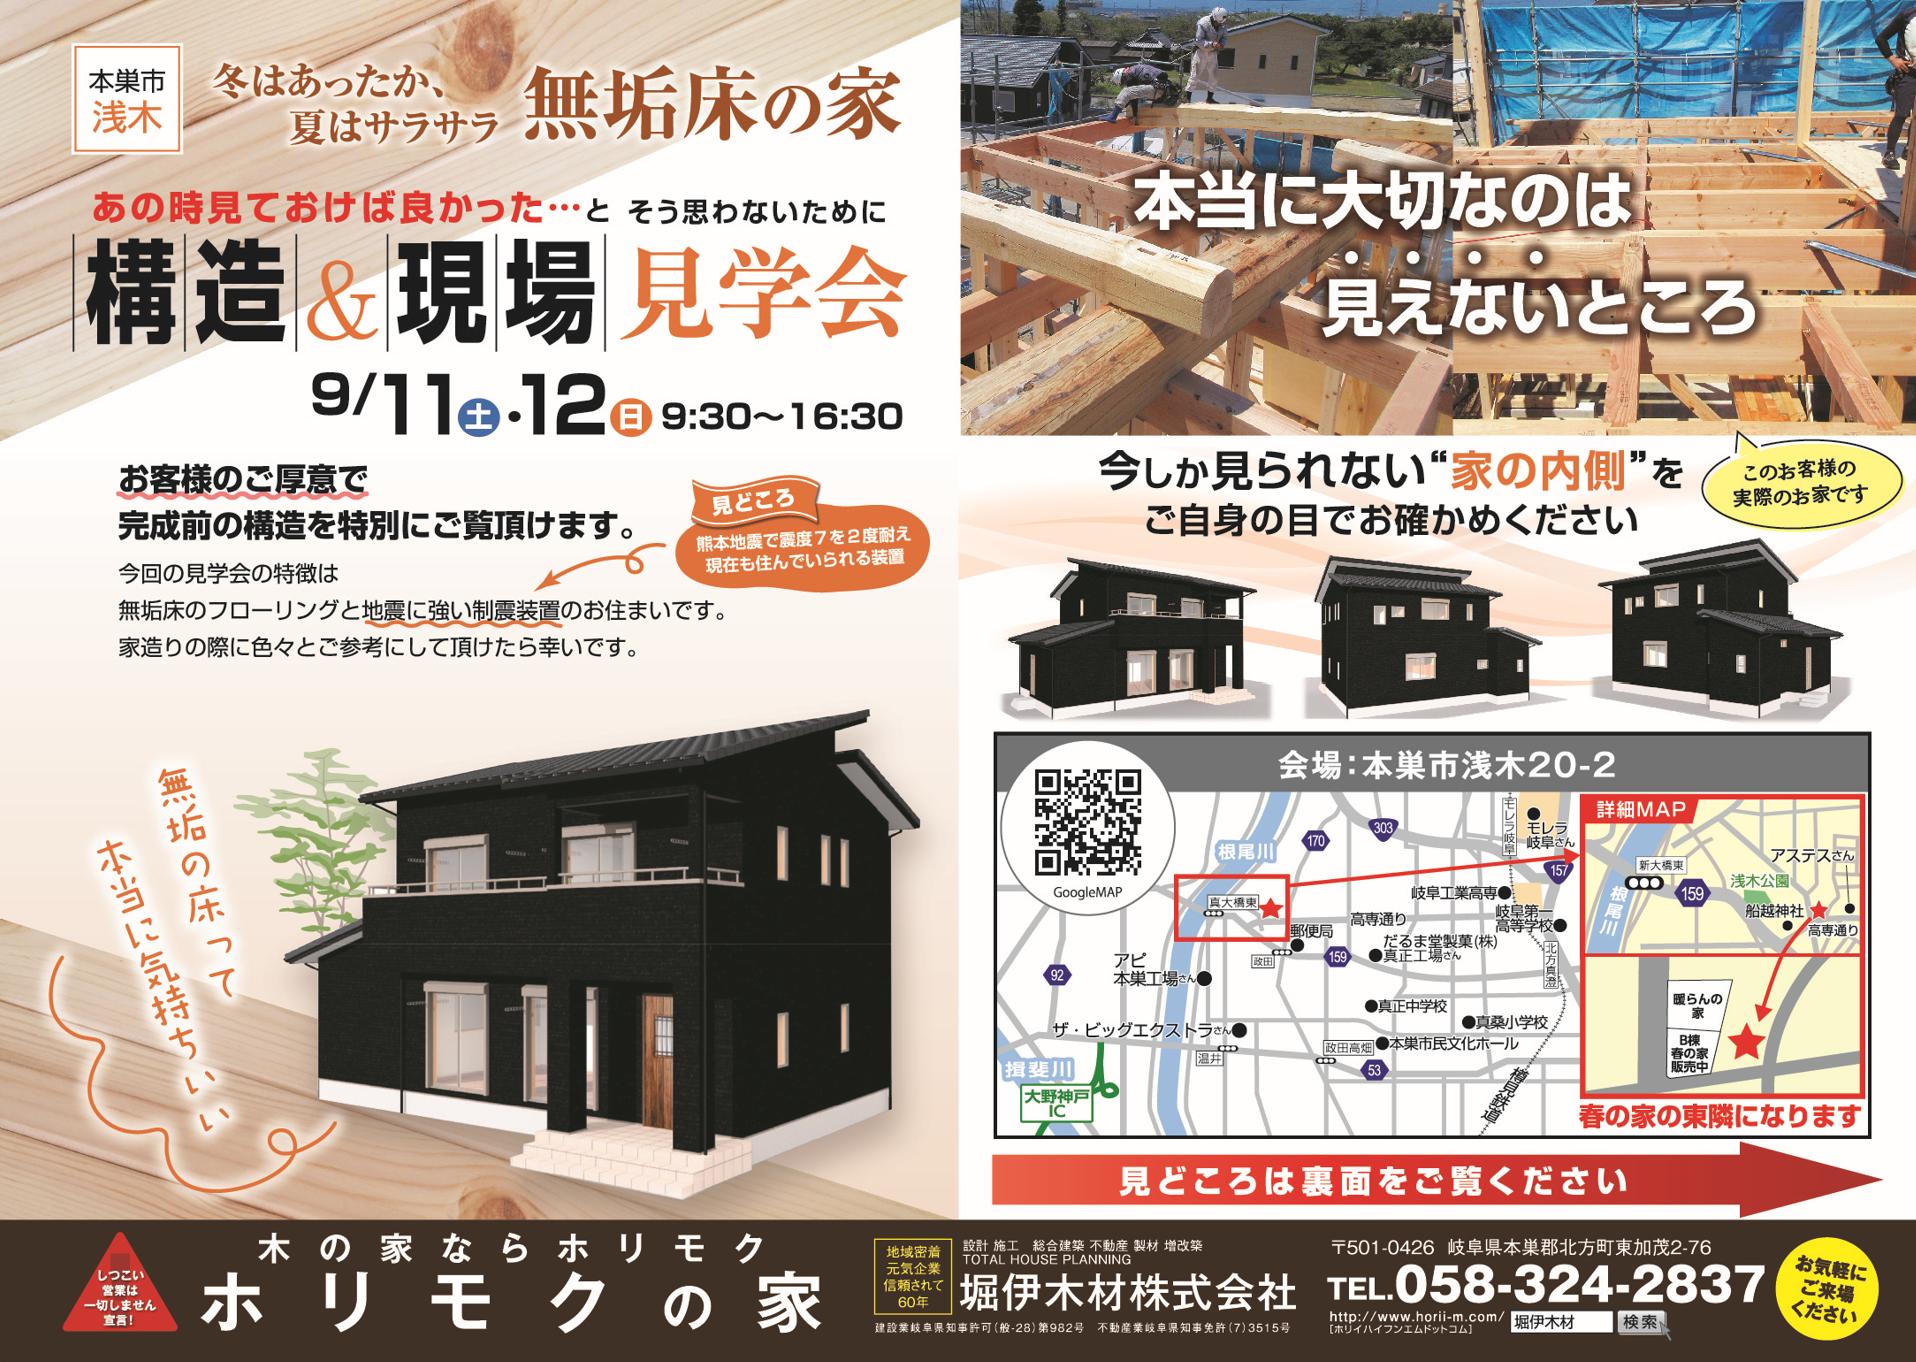 【終了】9月11日(土)・9月12日(日) 完成前見学会開催